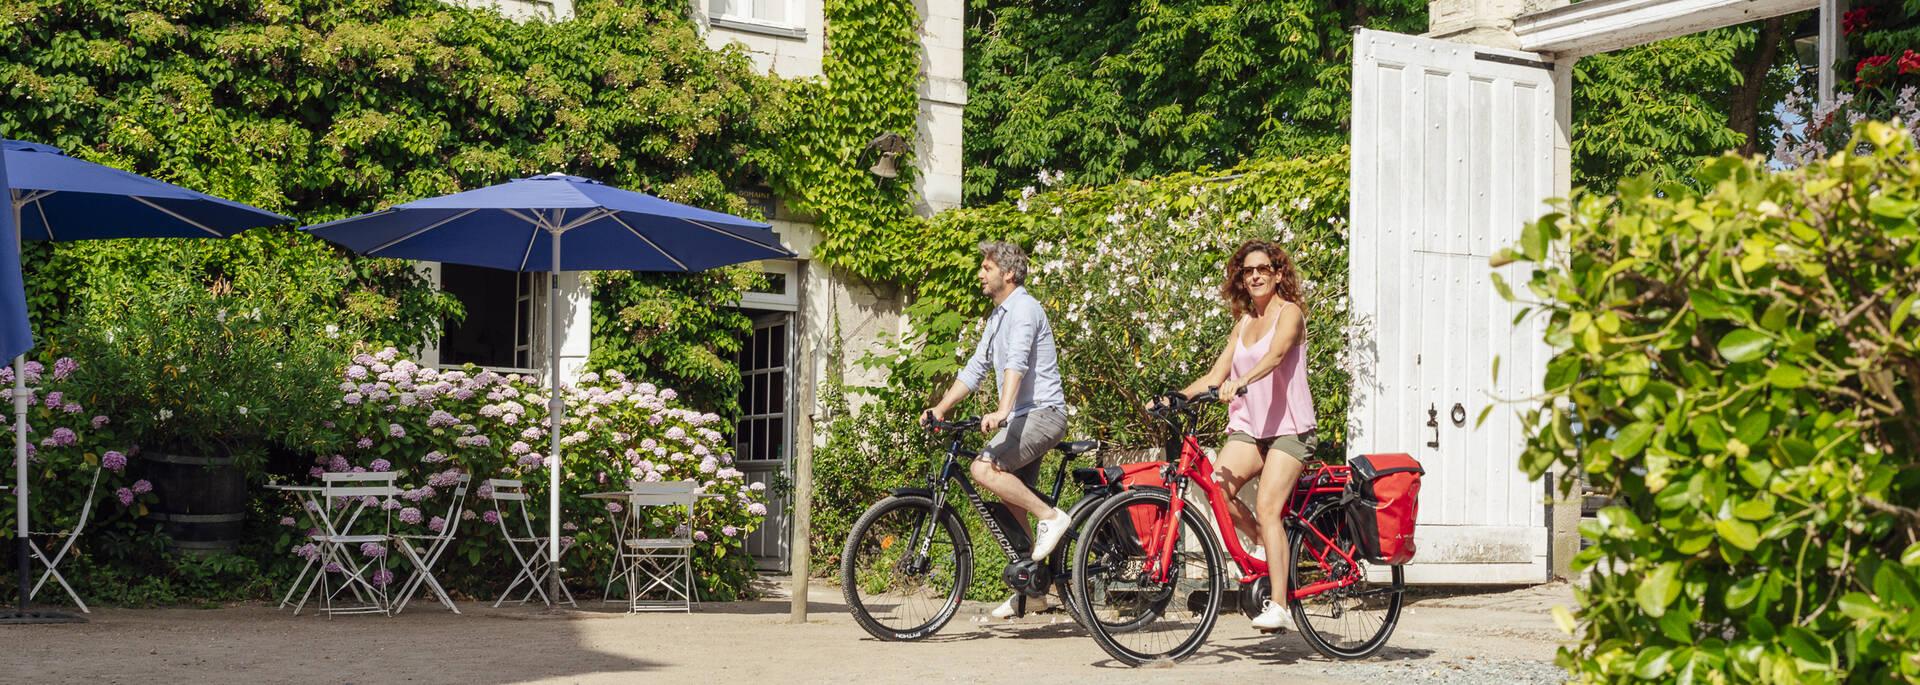 Hébergements pour les cyclotouristes